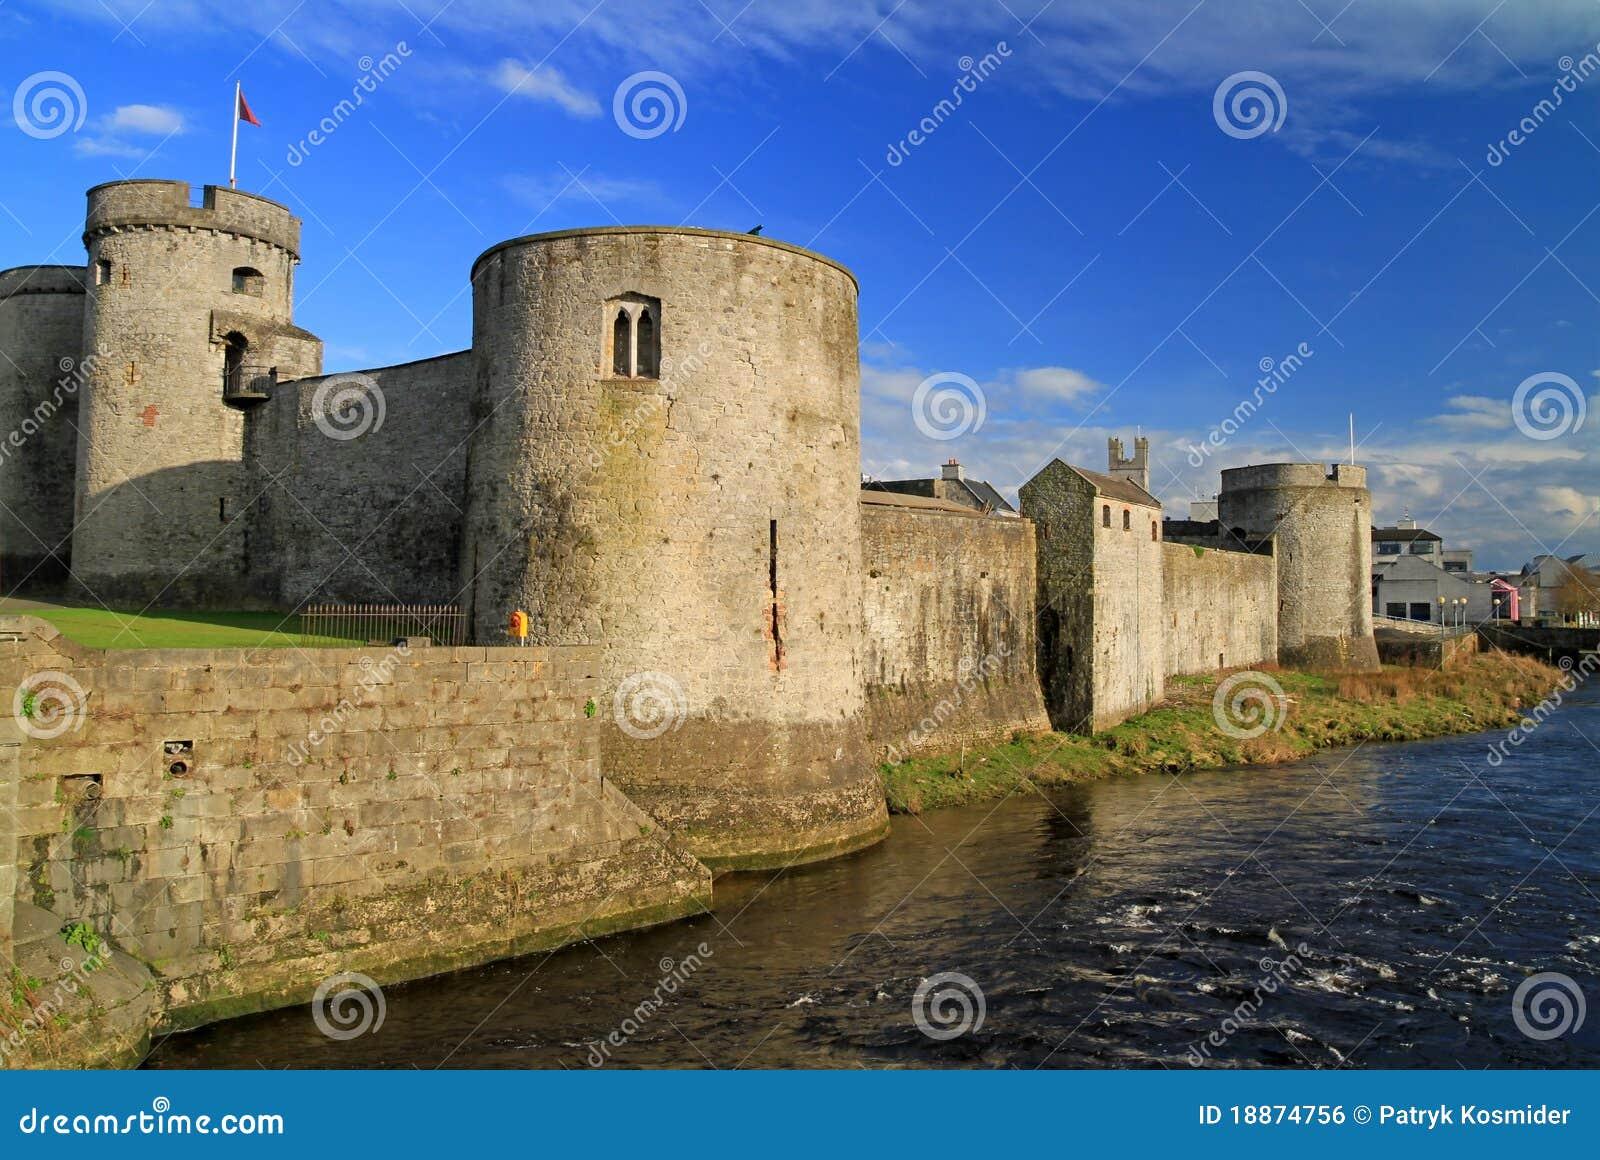 Castillo de rey Juan